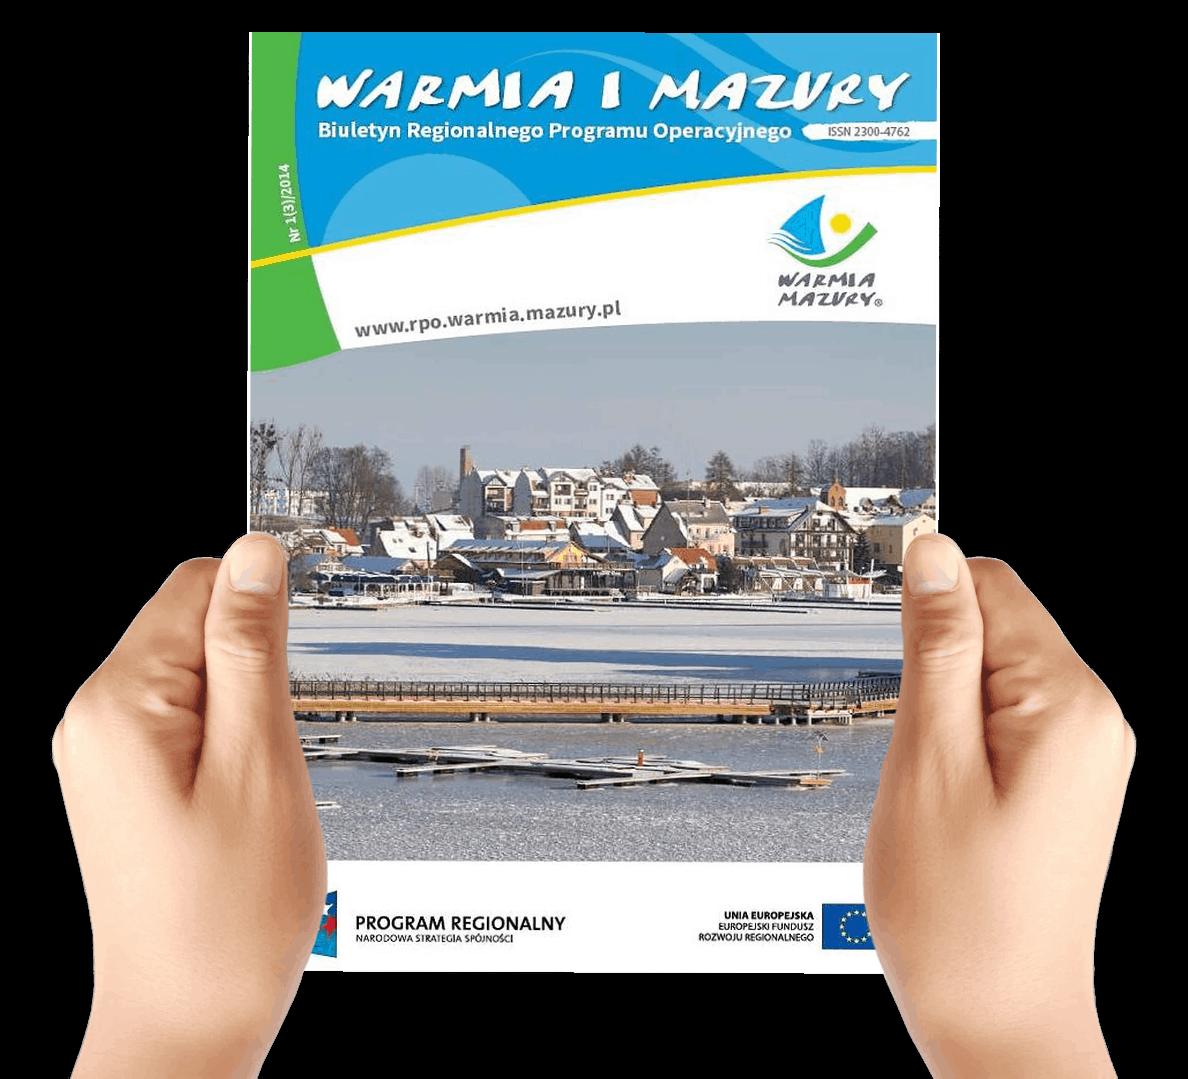 Prezentacja biuletynu Warmia i Mazury